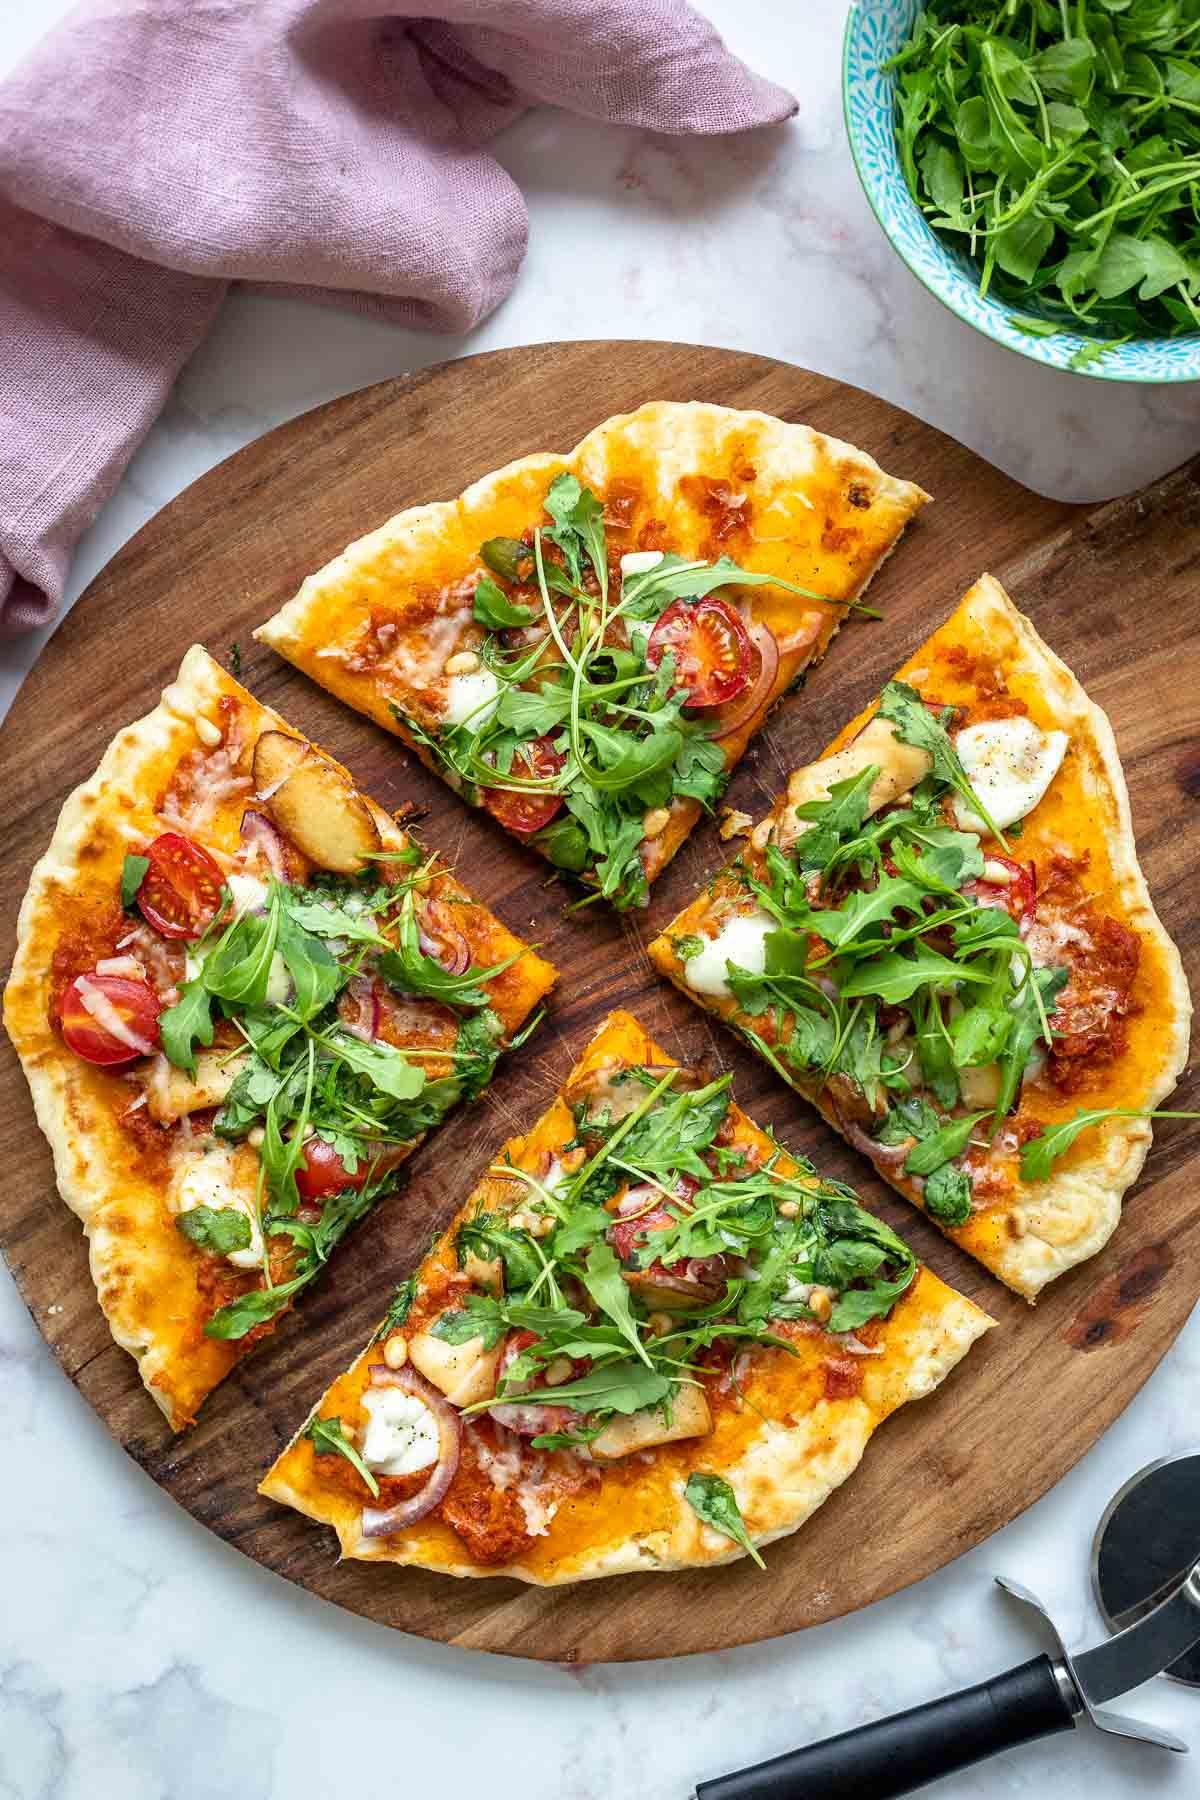 Pizzateig für dünne knusprige Pizza vom Grill